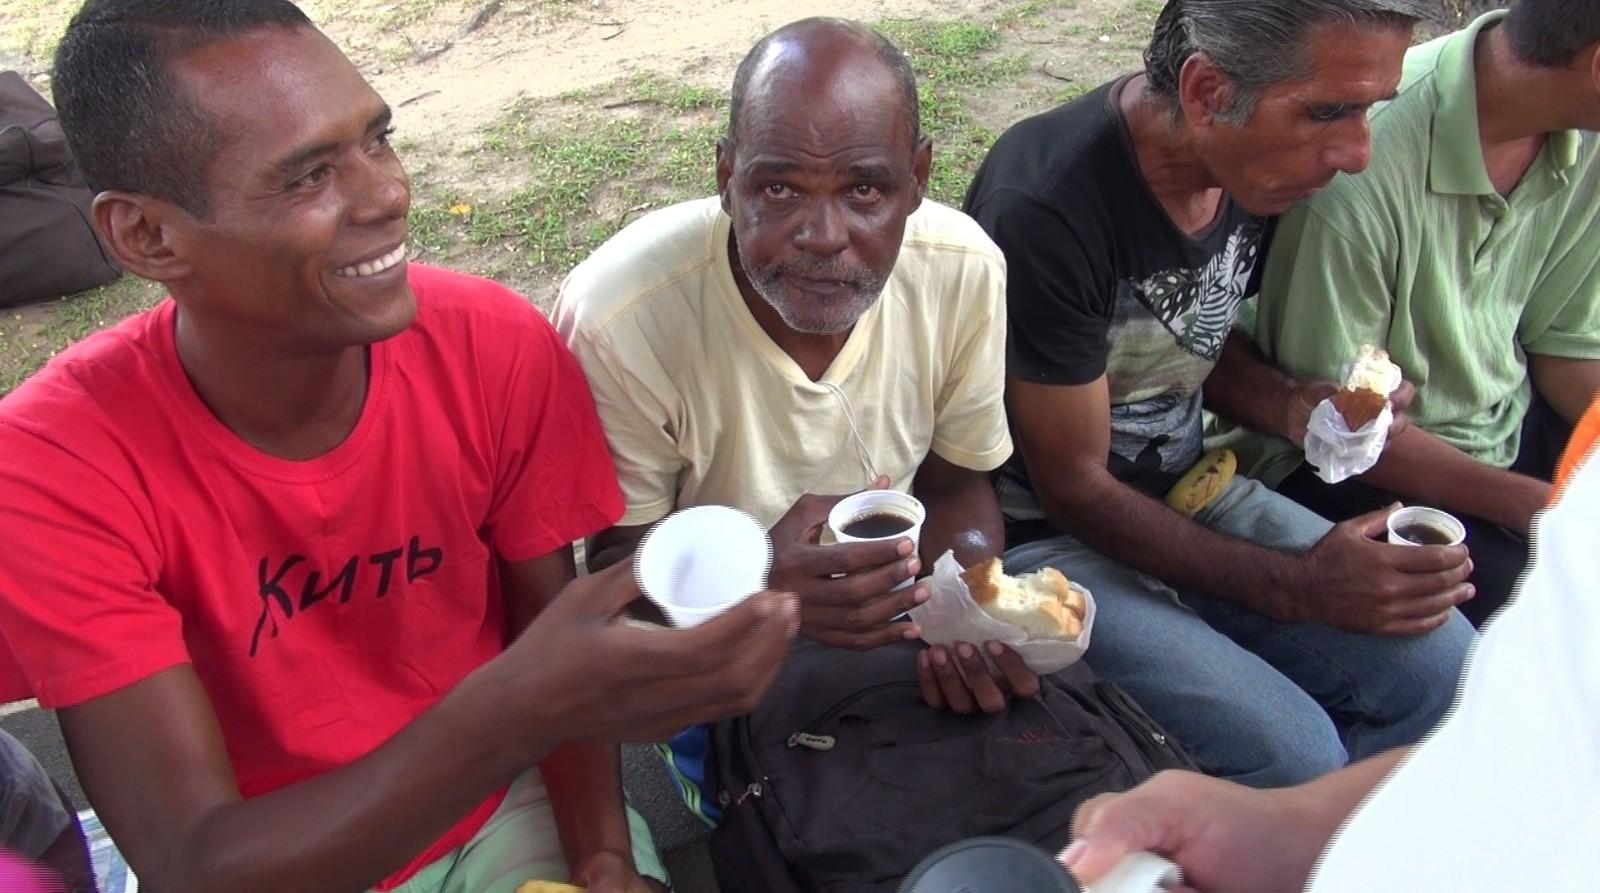 Moradores de rua recebem a primeira refeição do dia de graça no Flamengo (Foto: Bruno Albernaz / G1)